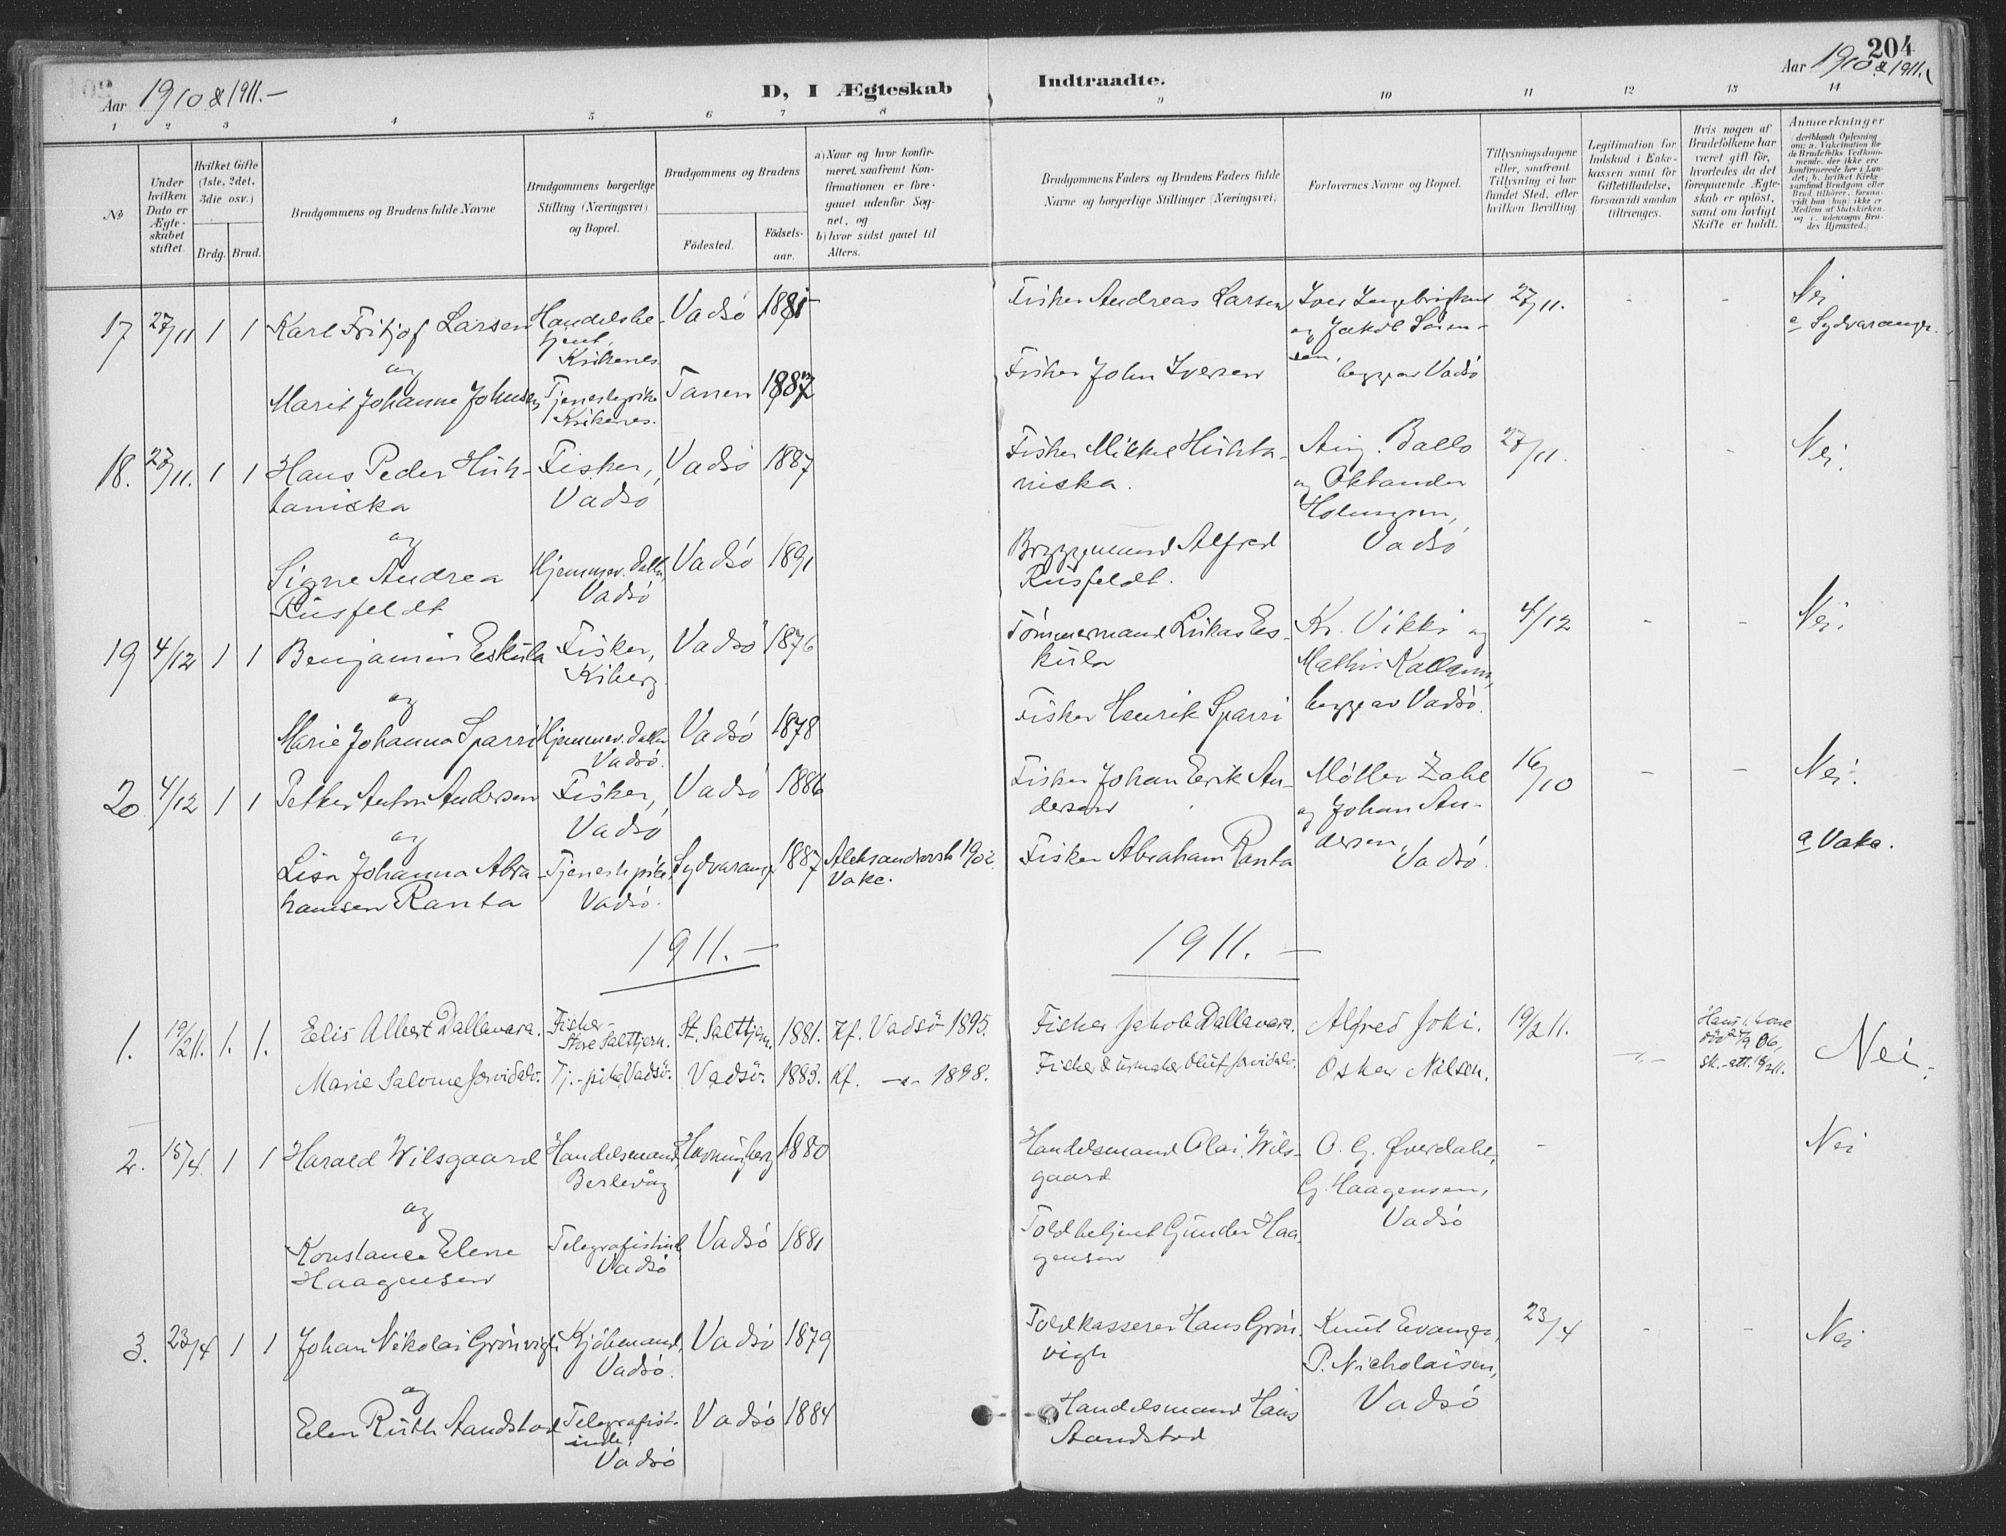 SATØ, Vadsø sokneprestkontor, H/Ha/L0007kirke: Ministerialbok nr. 7, 1896-1916, s. 204